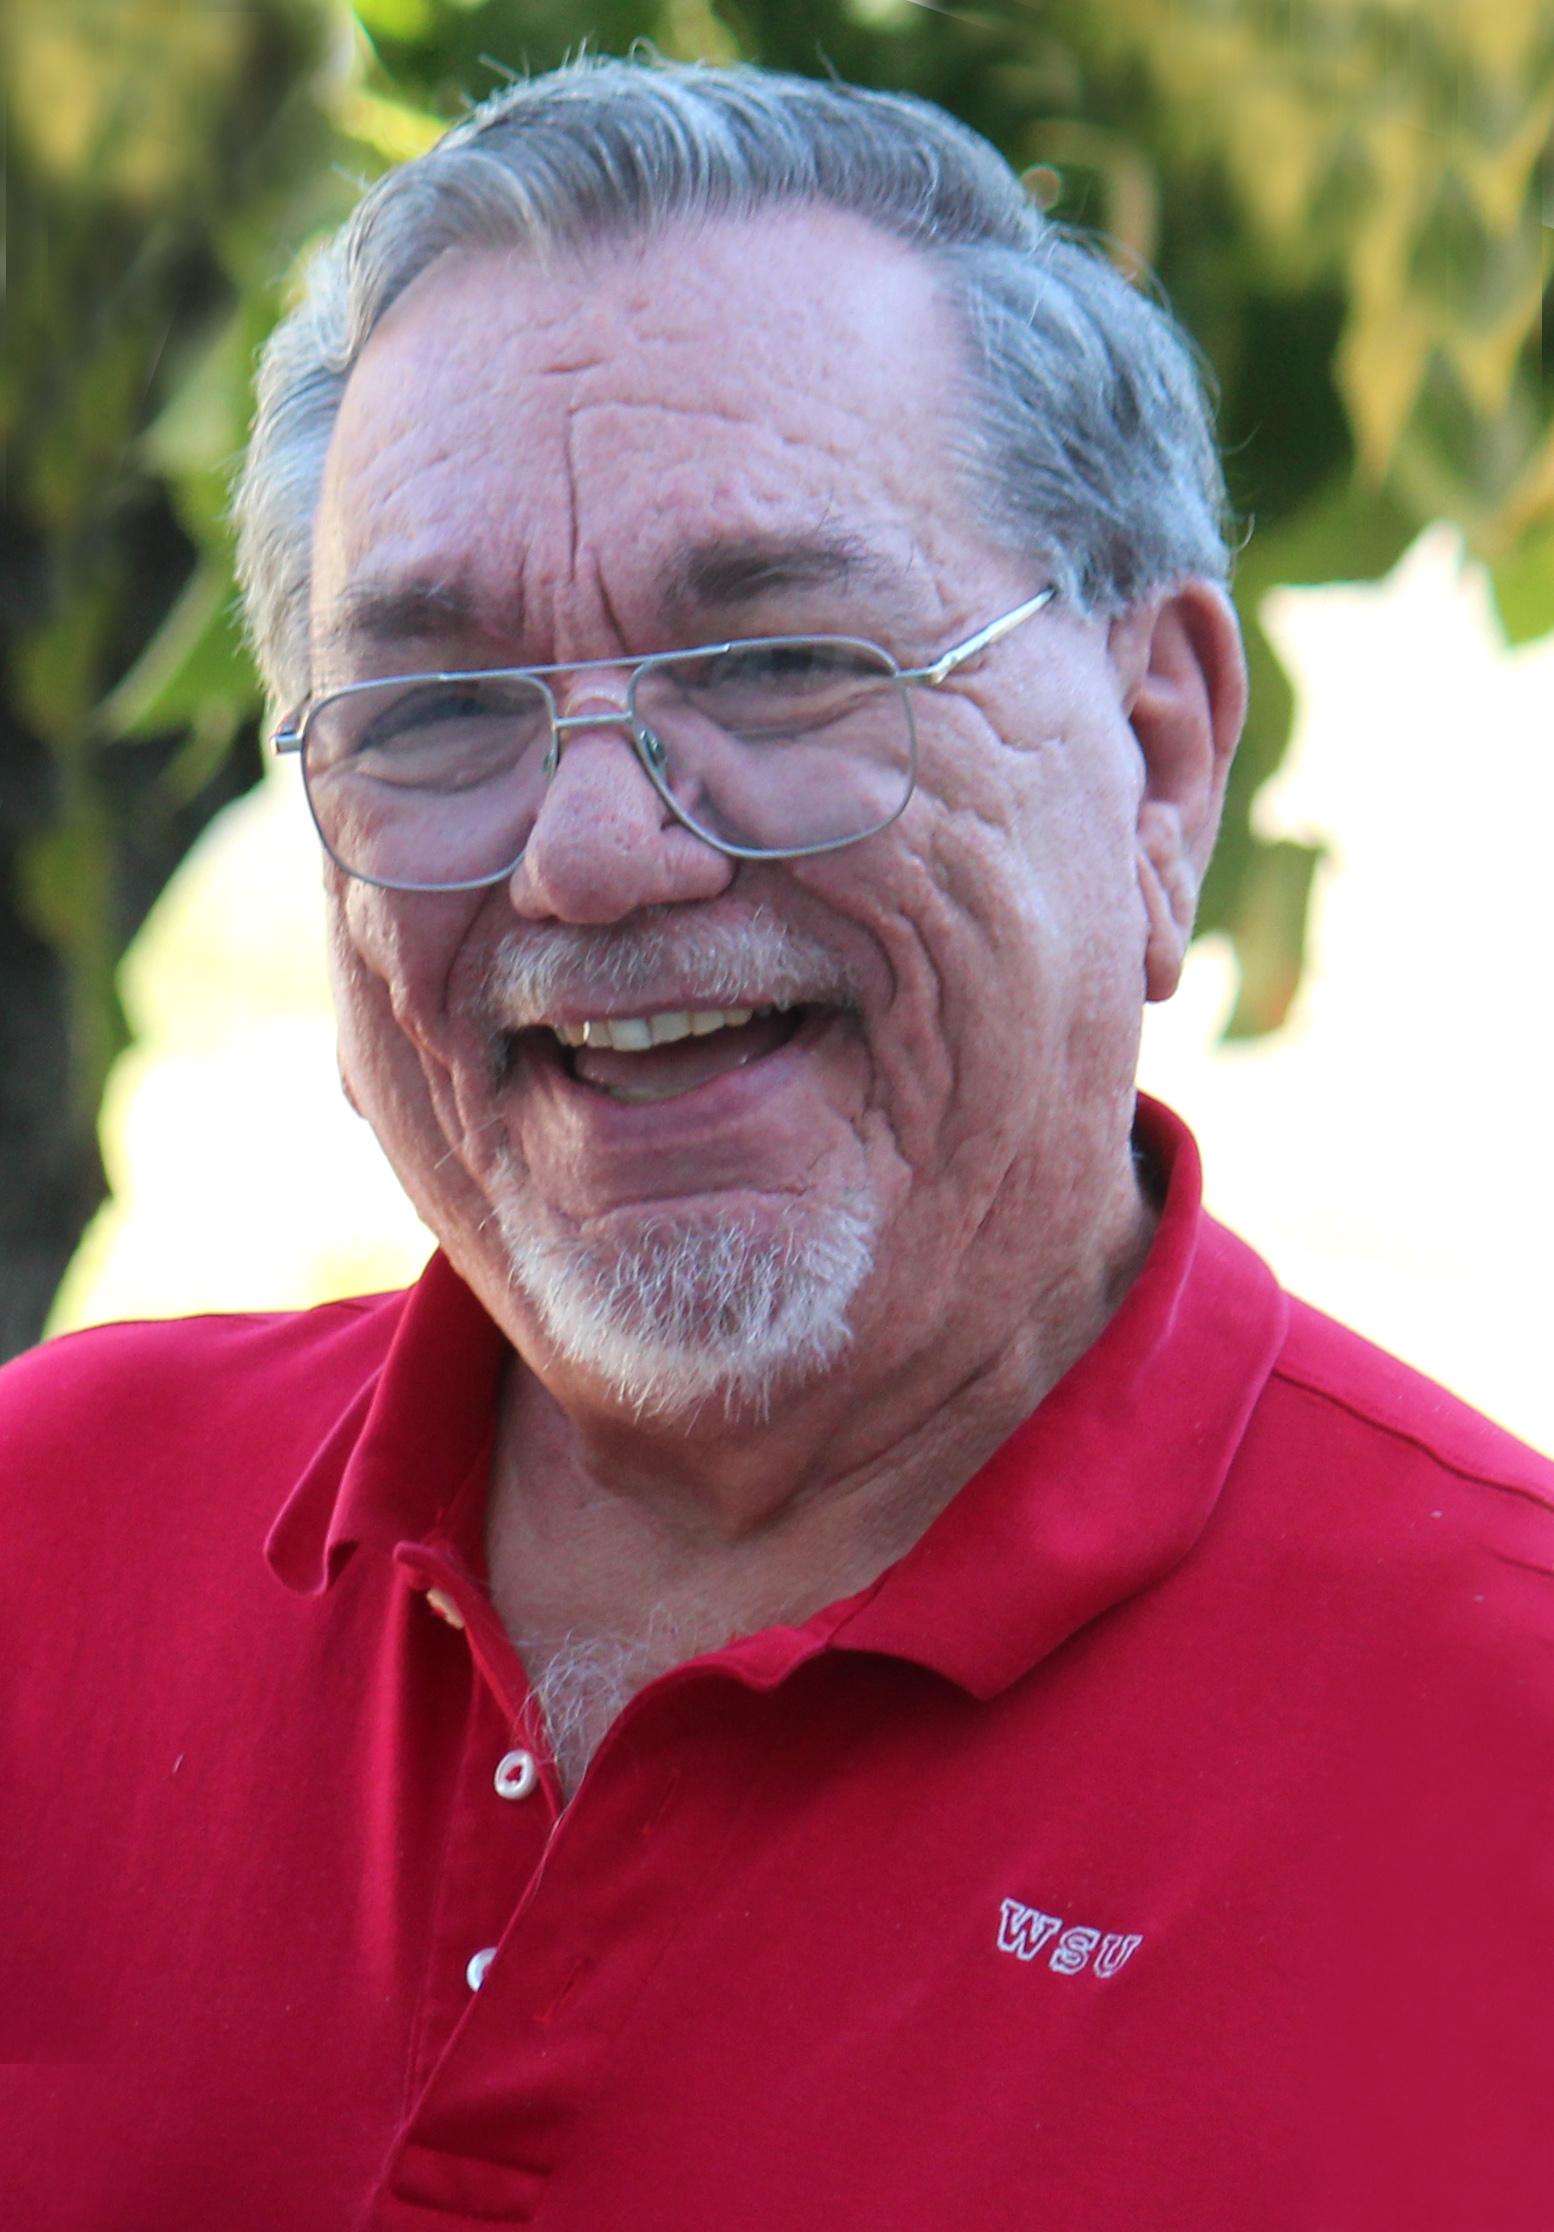 Michael Pieracci